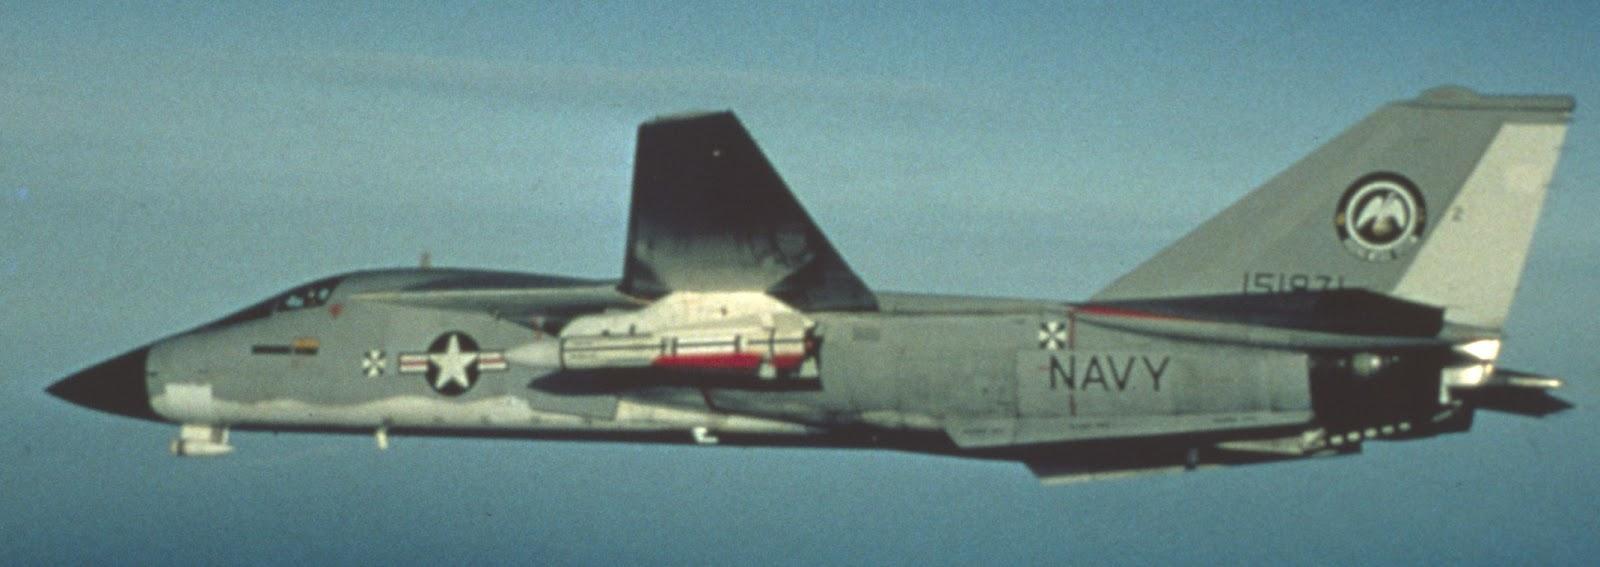 Tailhook Topics: Grumman F-111B